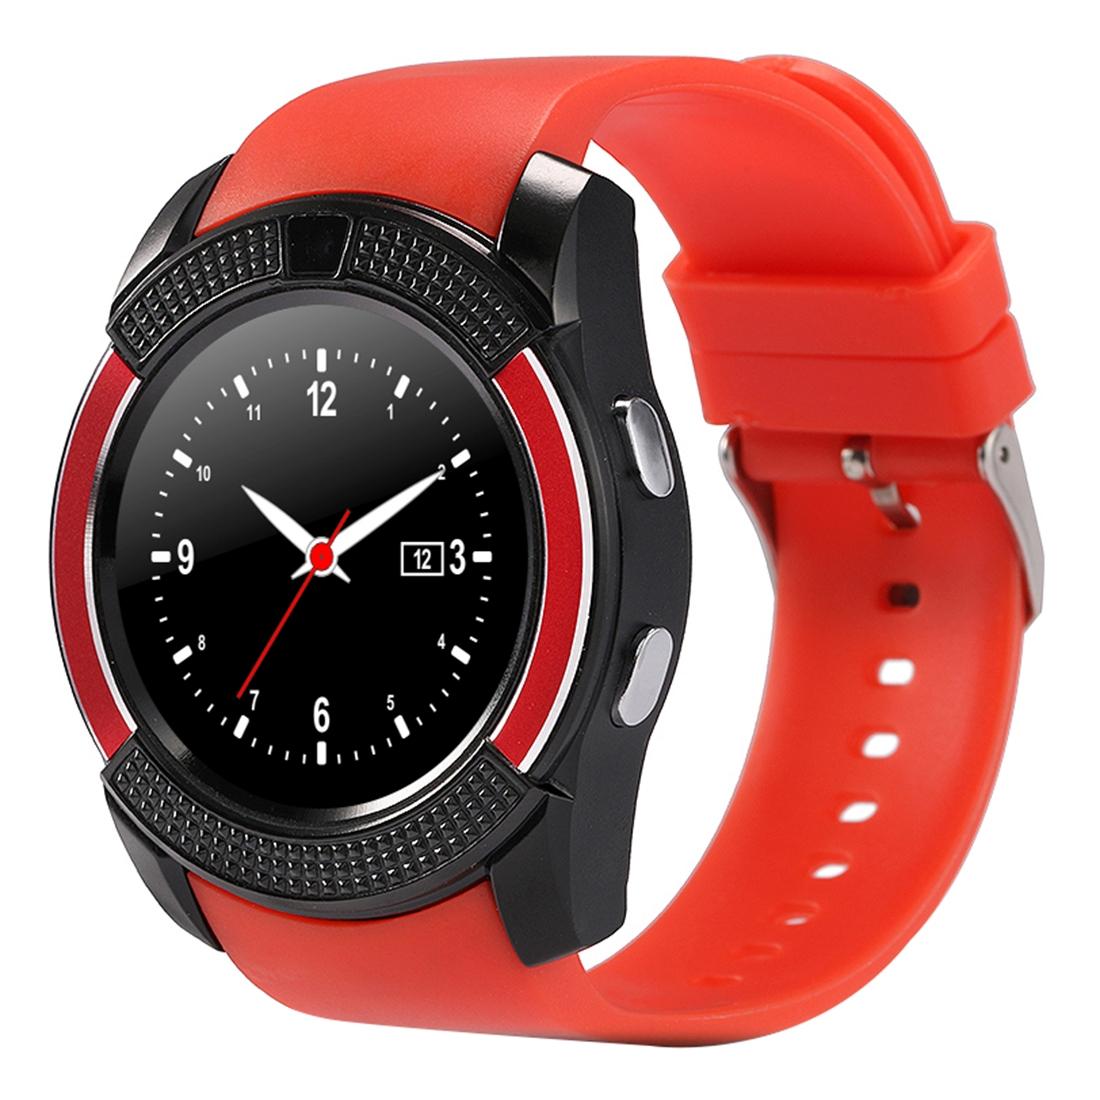 X-Watch Xwatch V8 1,22 palcový dotykový displej, 2G volání, Bluetooth Smart hodinky s 0.3MP fotoaparátem, pedometer, hudební přehrávač, sledování spánku, vzdálené snímání, TF karta, červená